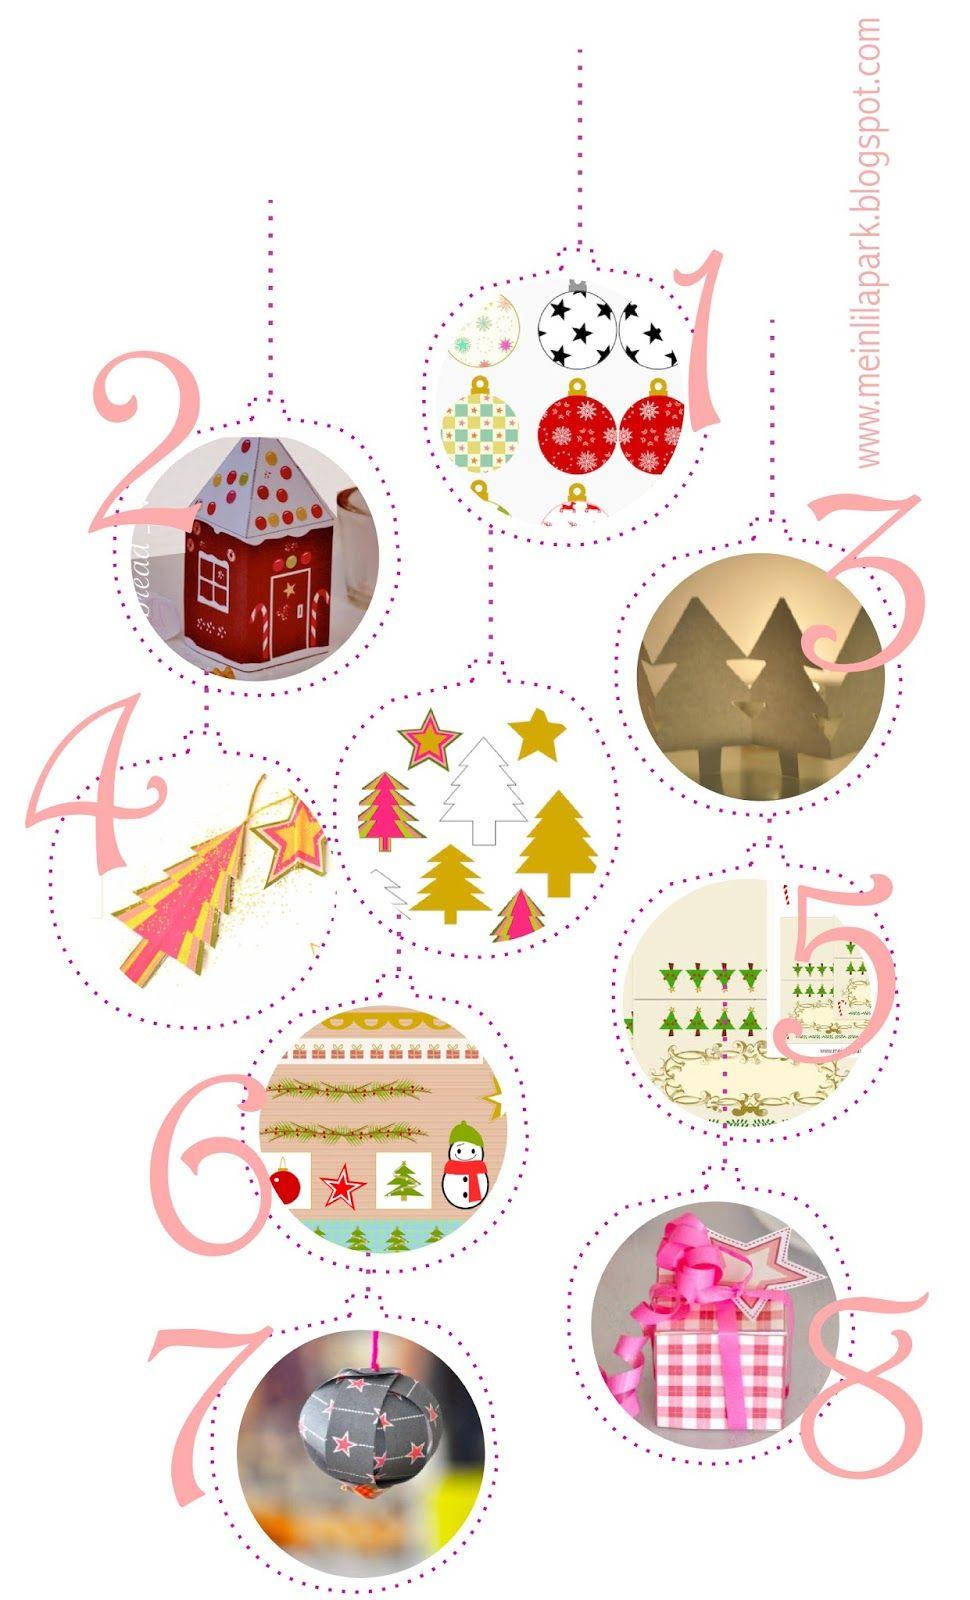 Free Printable Christmas Decorations - Ausdruckbare - Free Printable Christmas Decorations